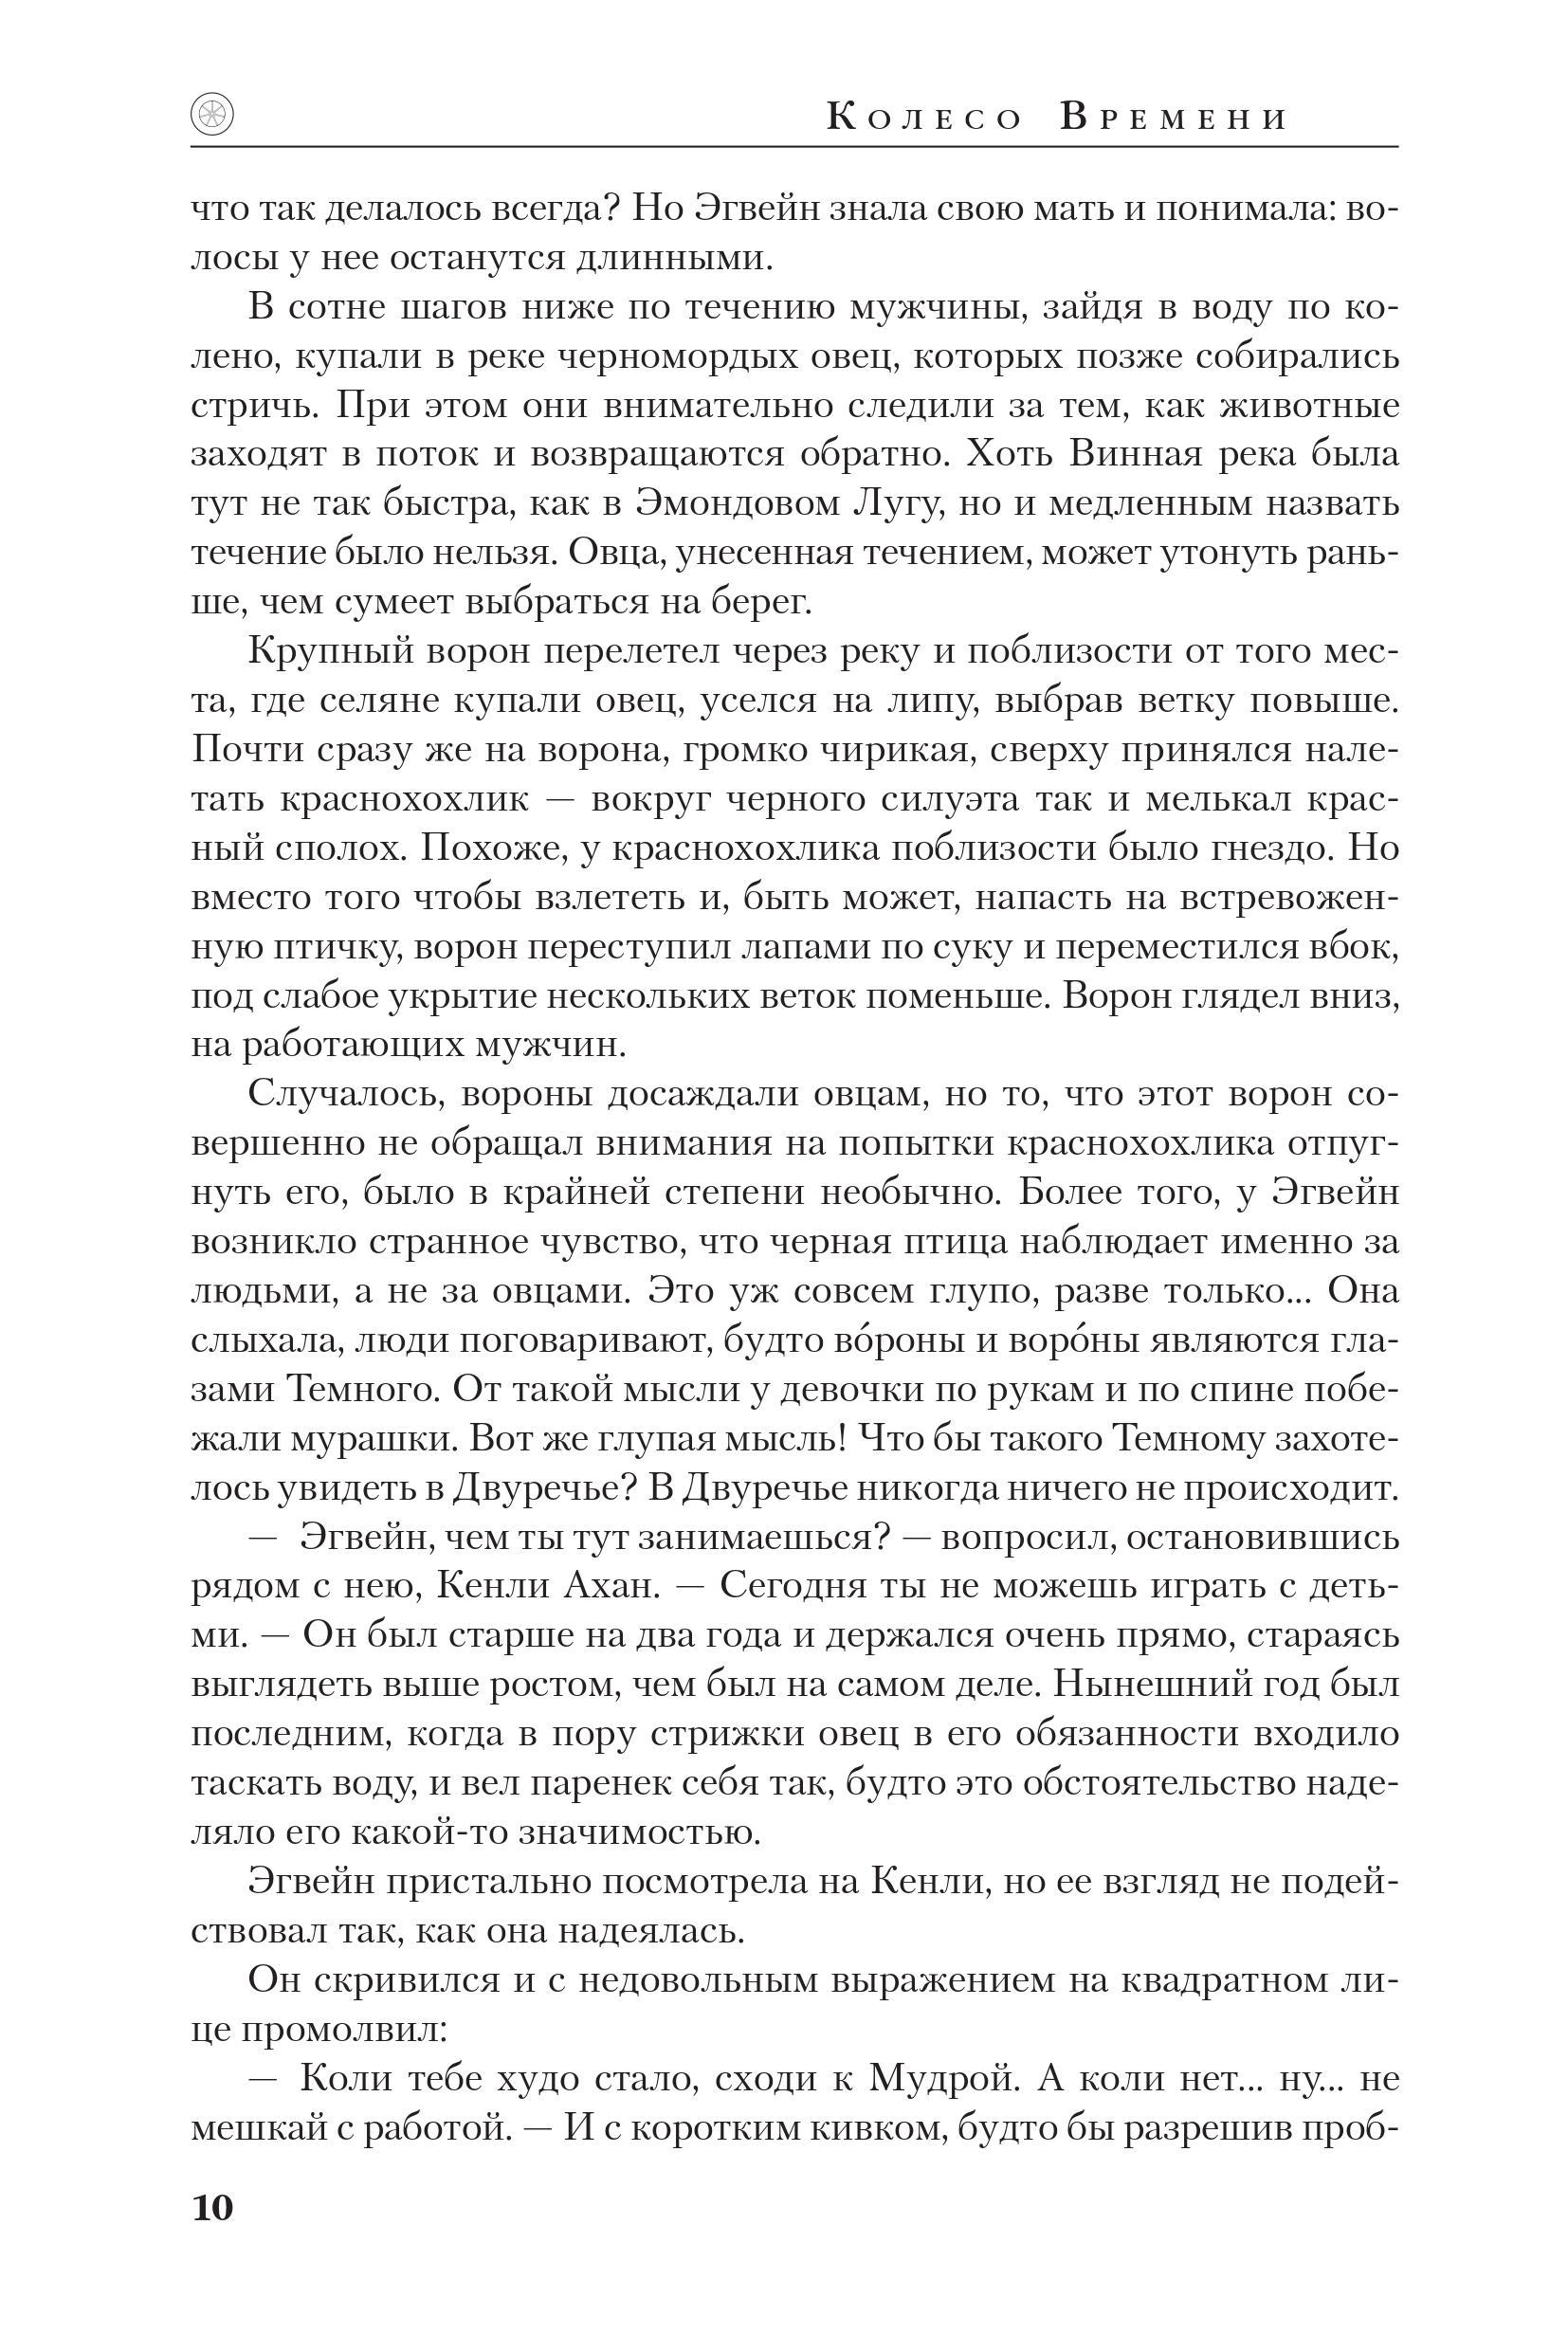 «Вороны»: отрывок изпереиздания романа «Око мира», первой части «Колеса времени» 7